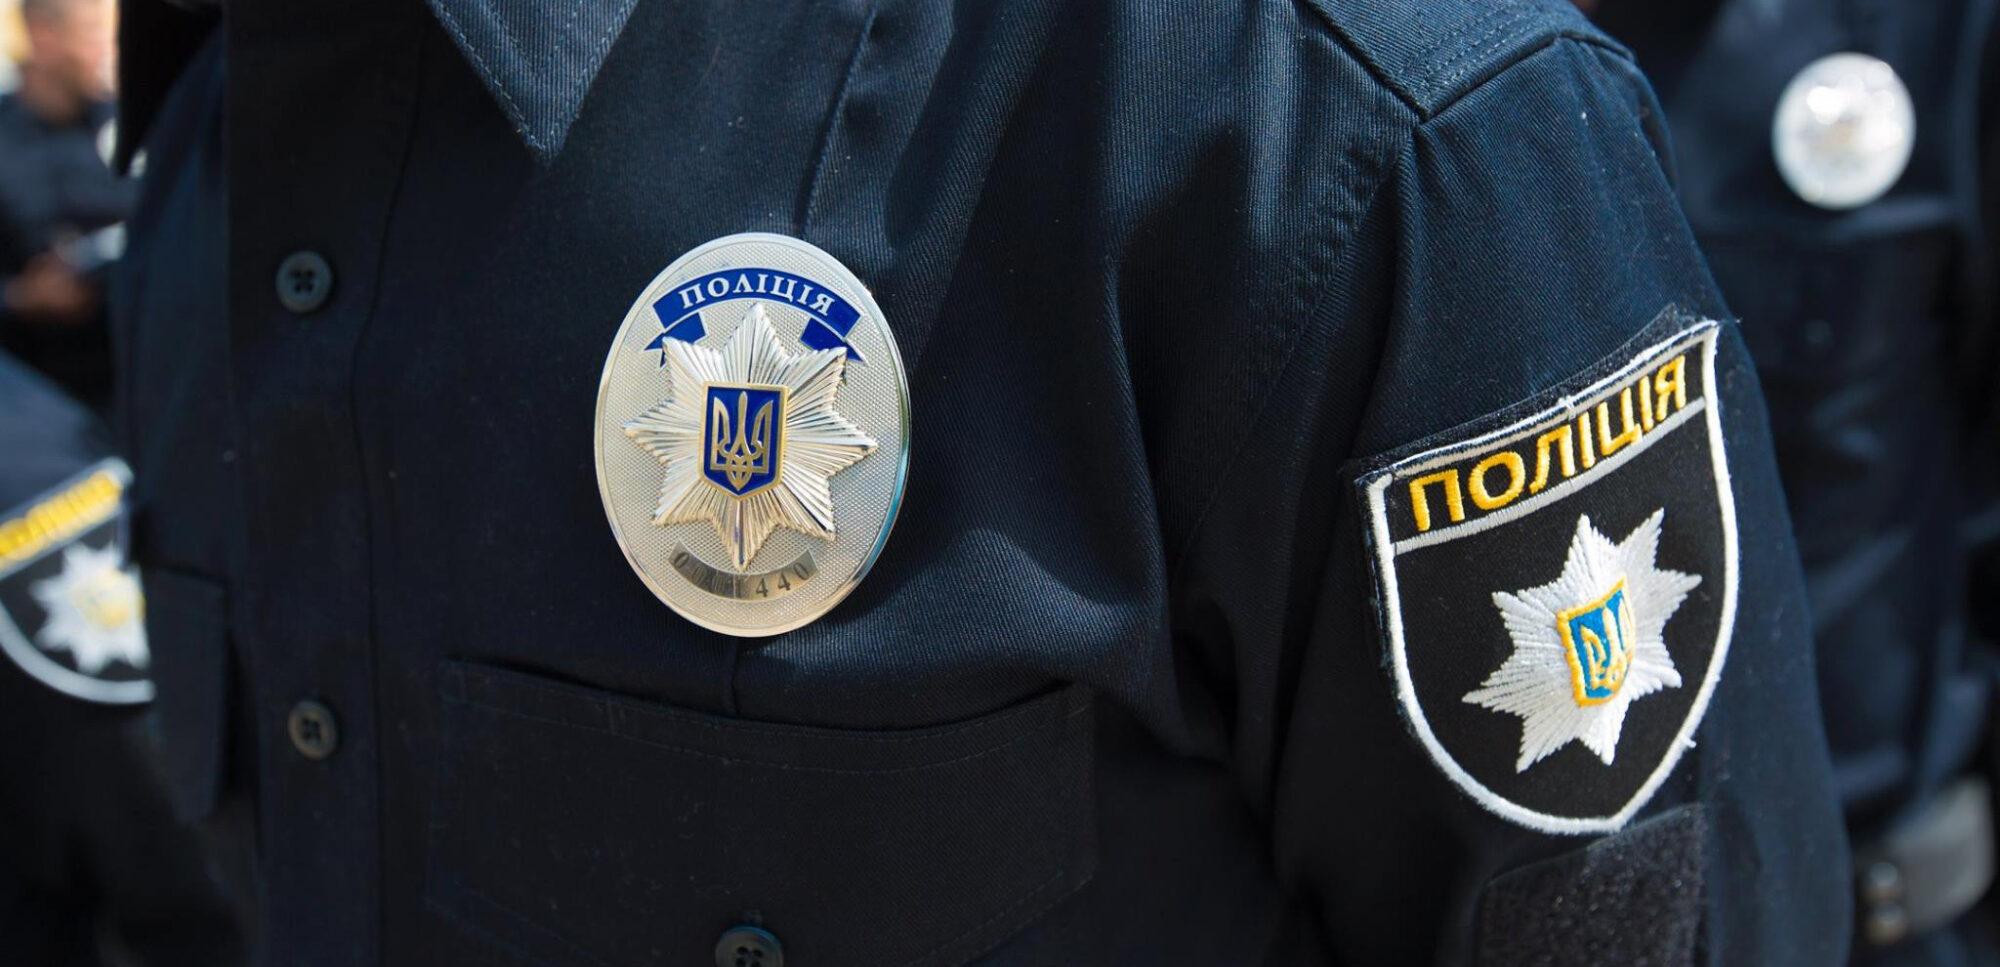 Бійка у Києві на Бесарабці: офіційна інформація про подію -  - 99dd56de01f1c52709c3615d8bb6127688dd538e 1557237641 2000x967